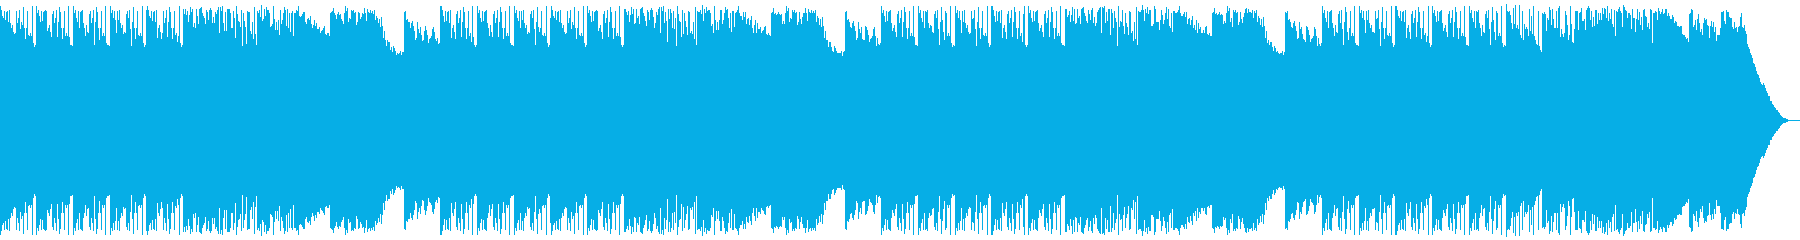 クラウド風のヒップホップビートの再生済みの波形